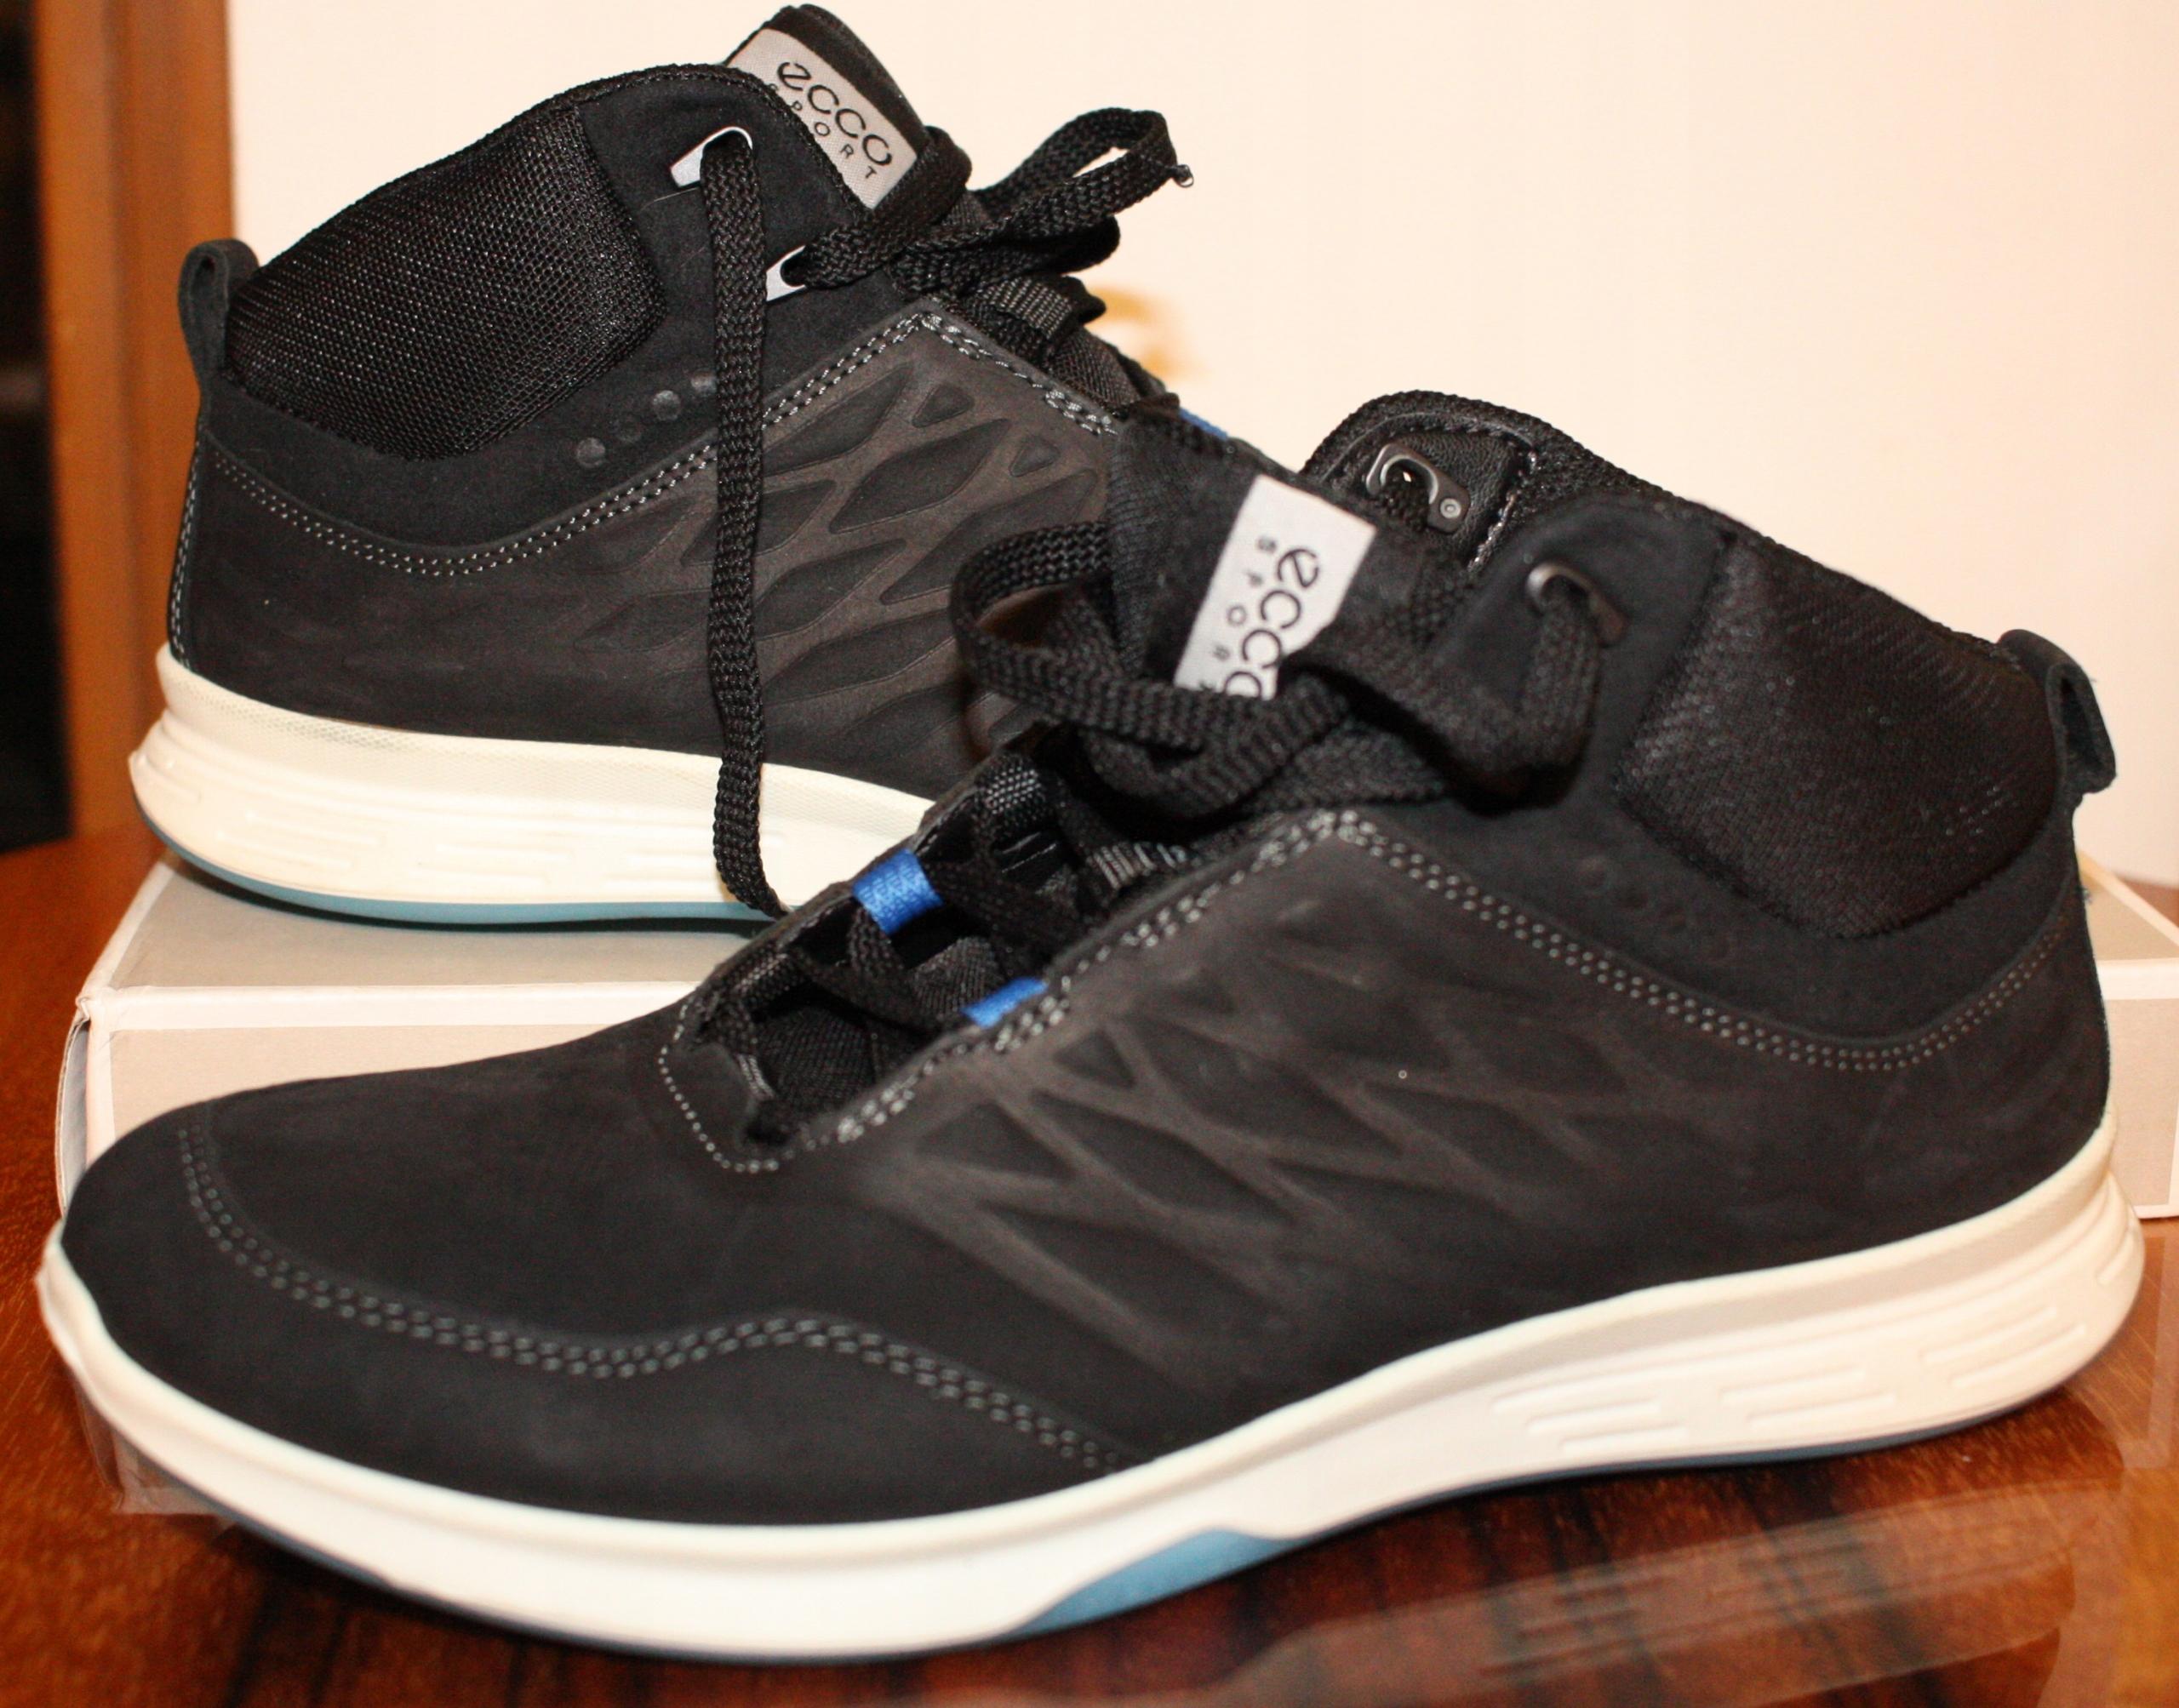 Sportowe buty Ecco Exceed do biegania rozm. 38